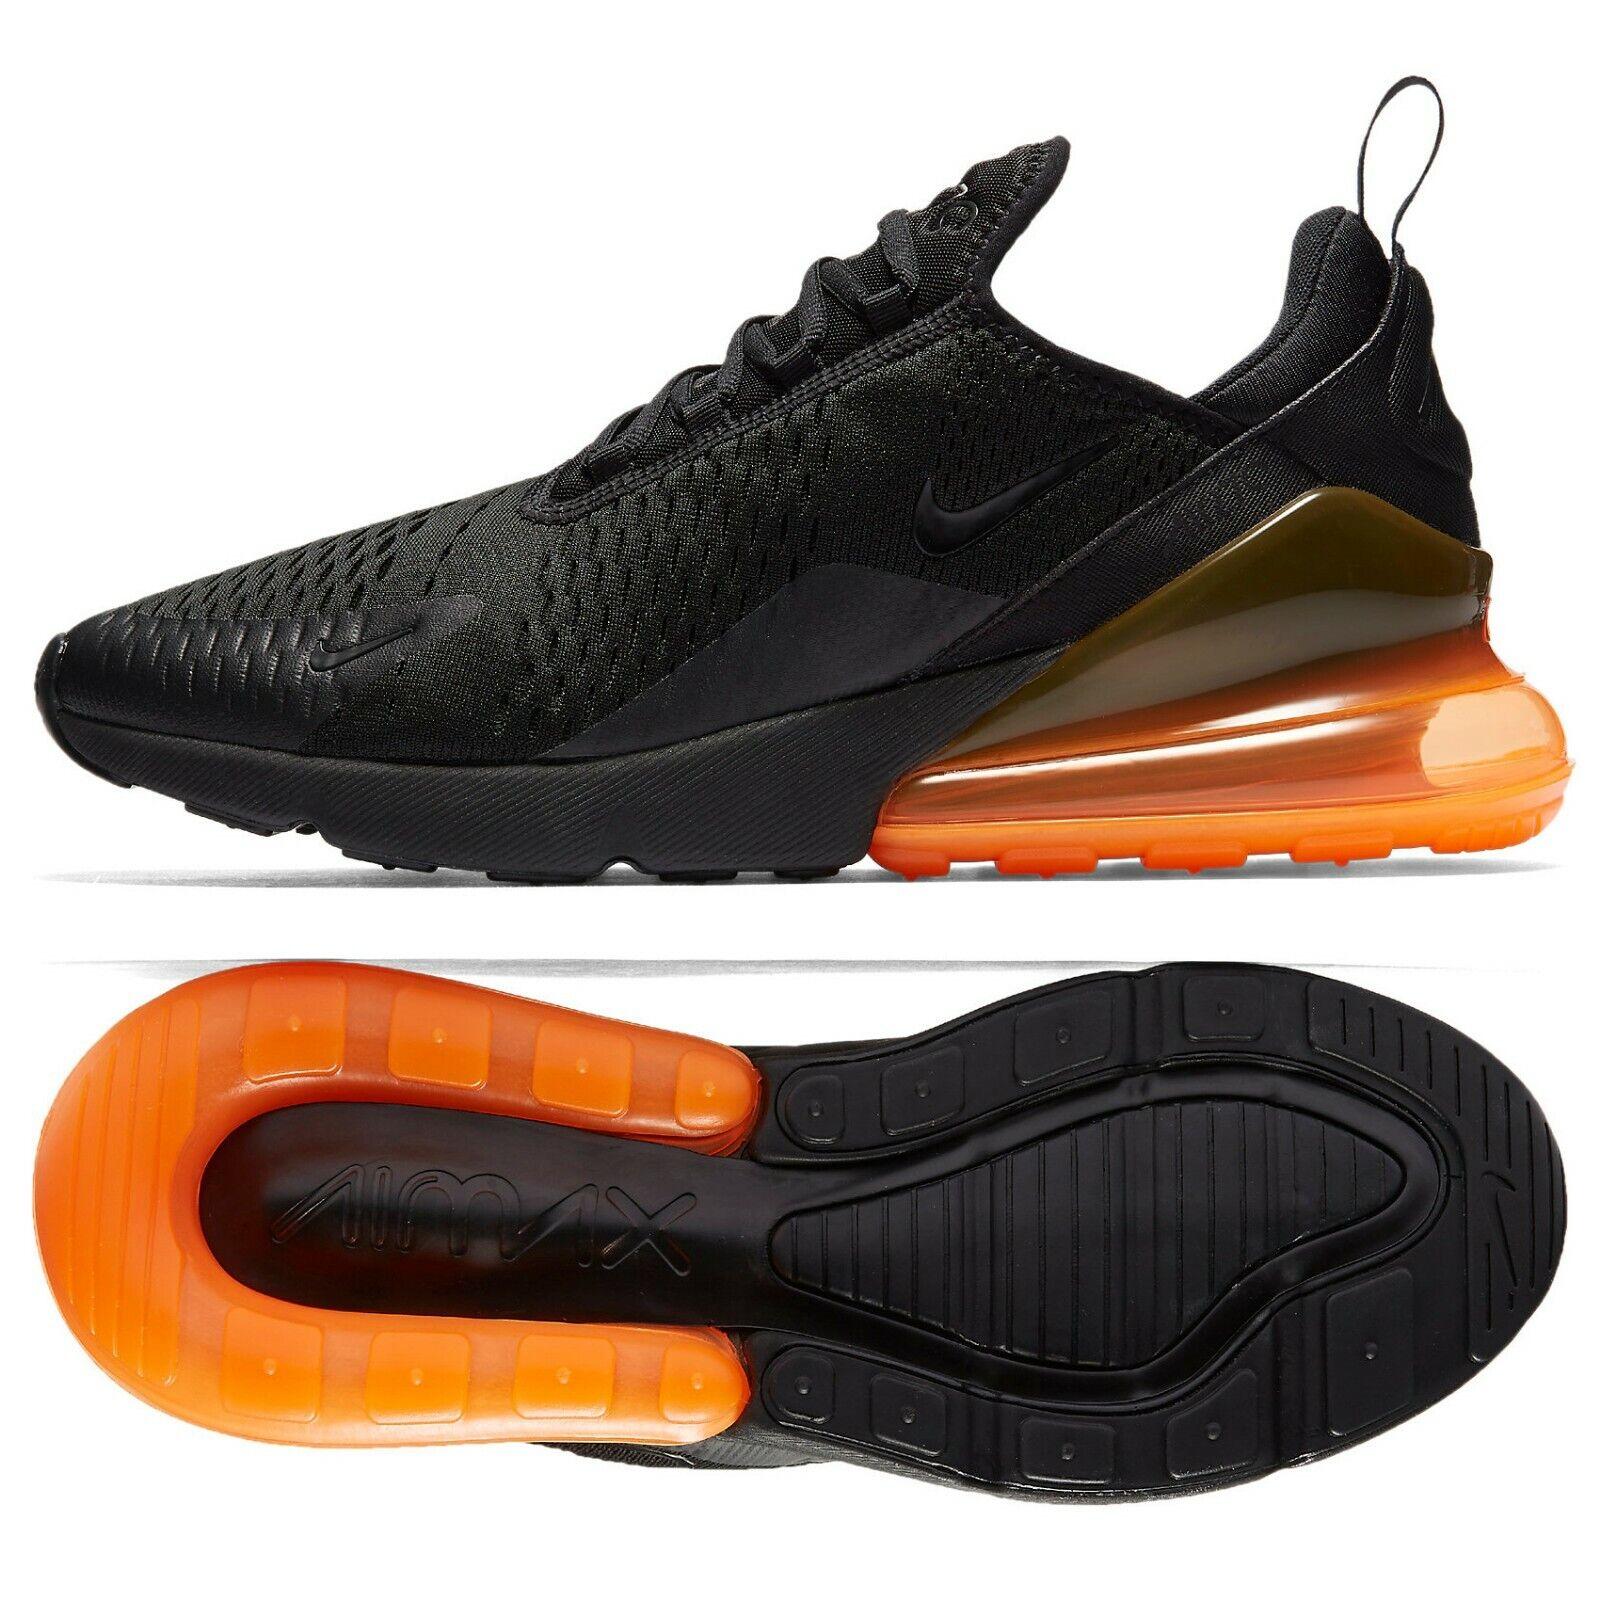 Nike Air Max 270 AH8050-008 Black Total orange Men's Running shoes